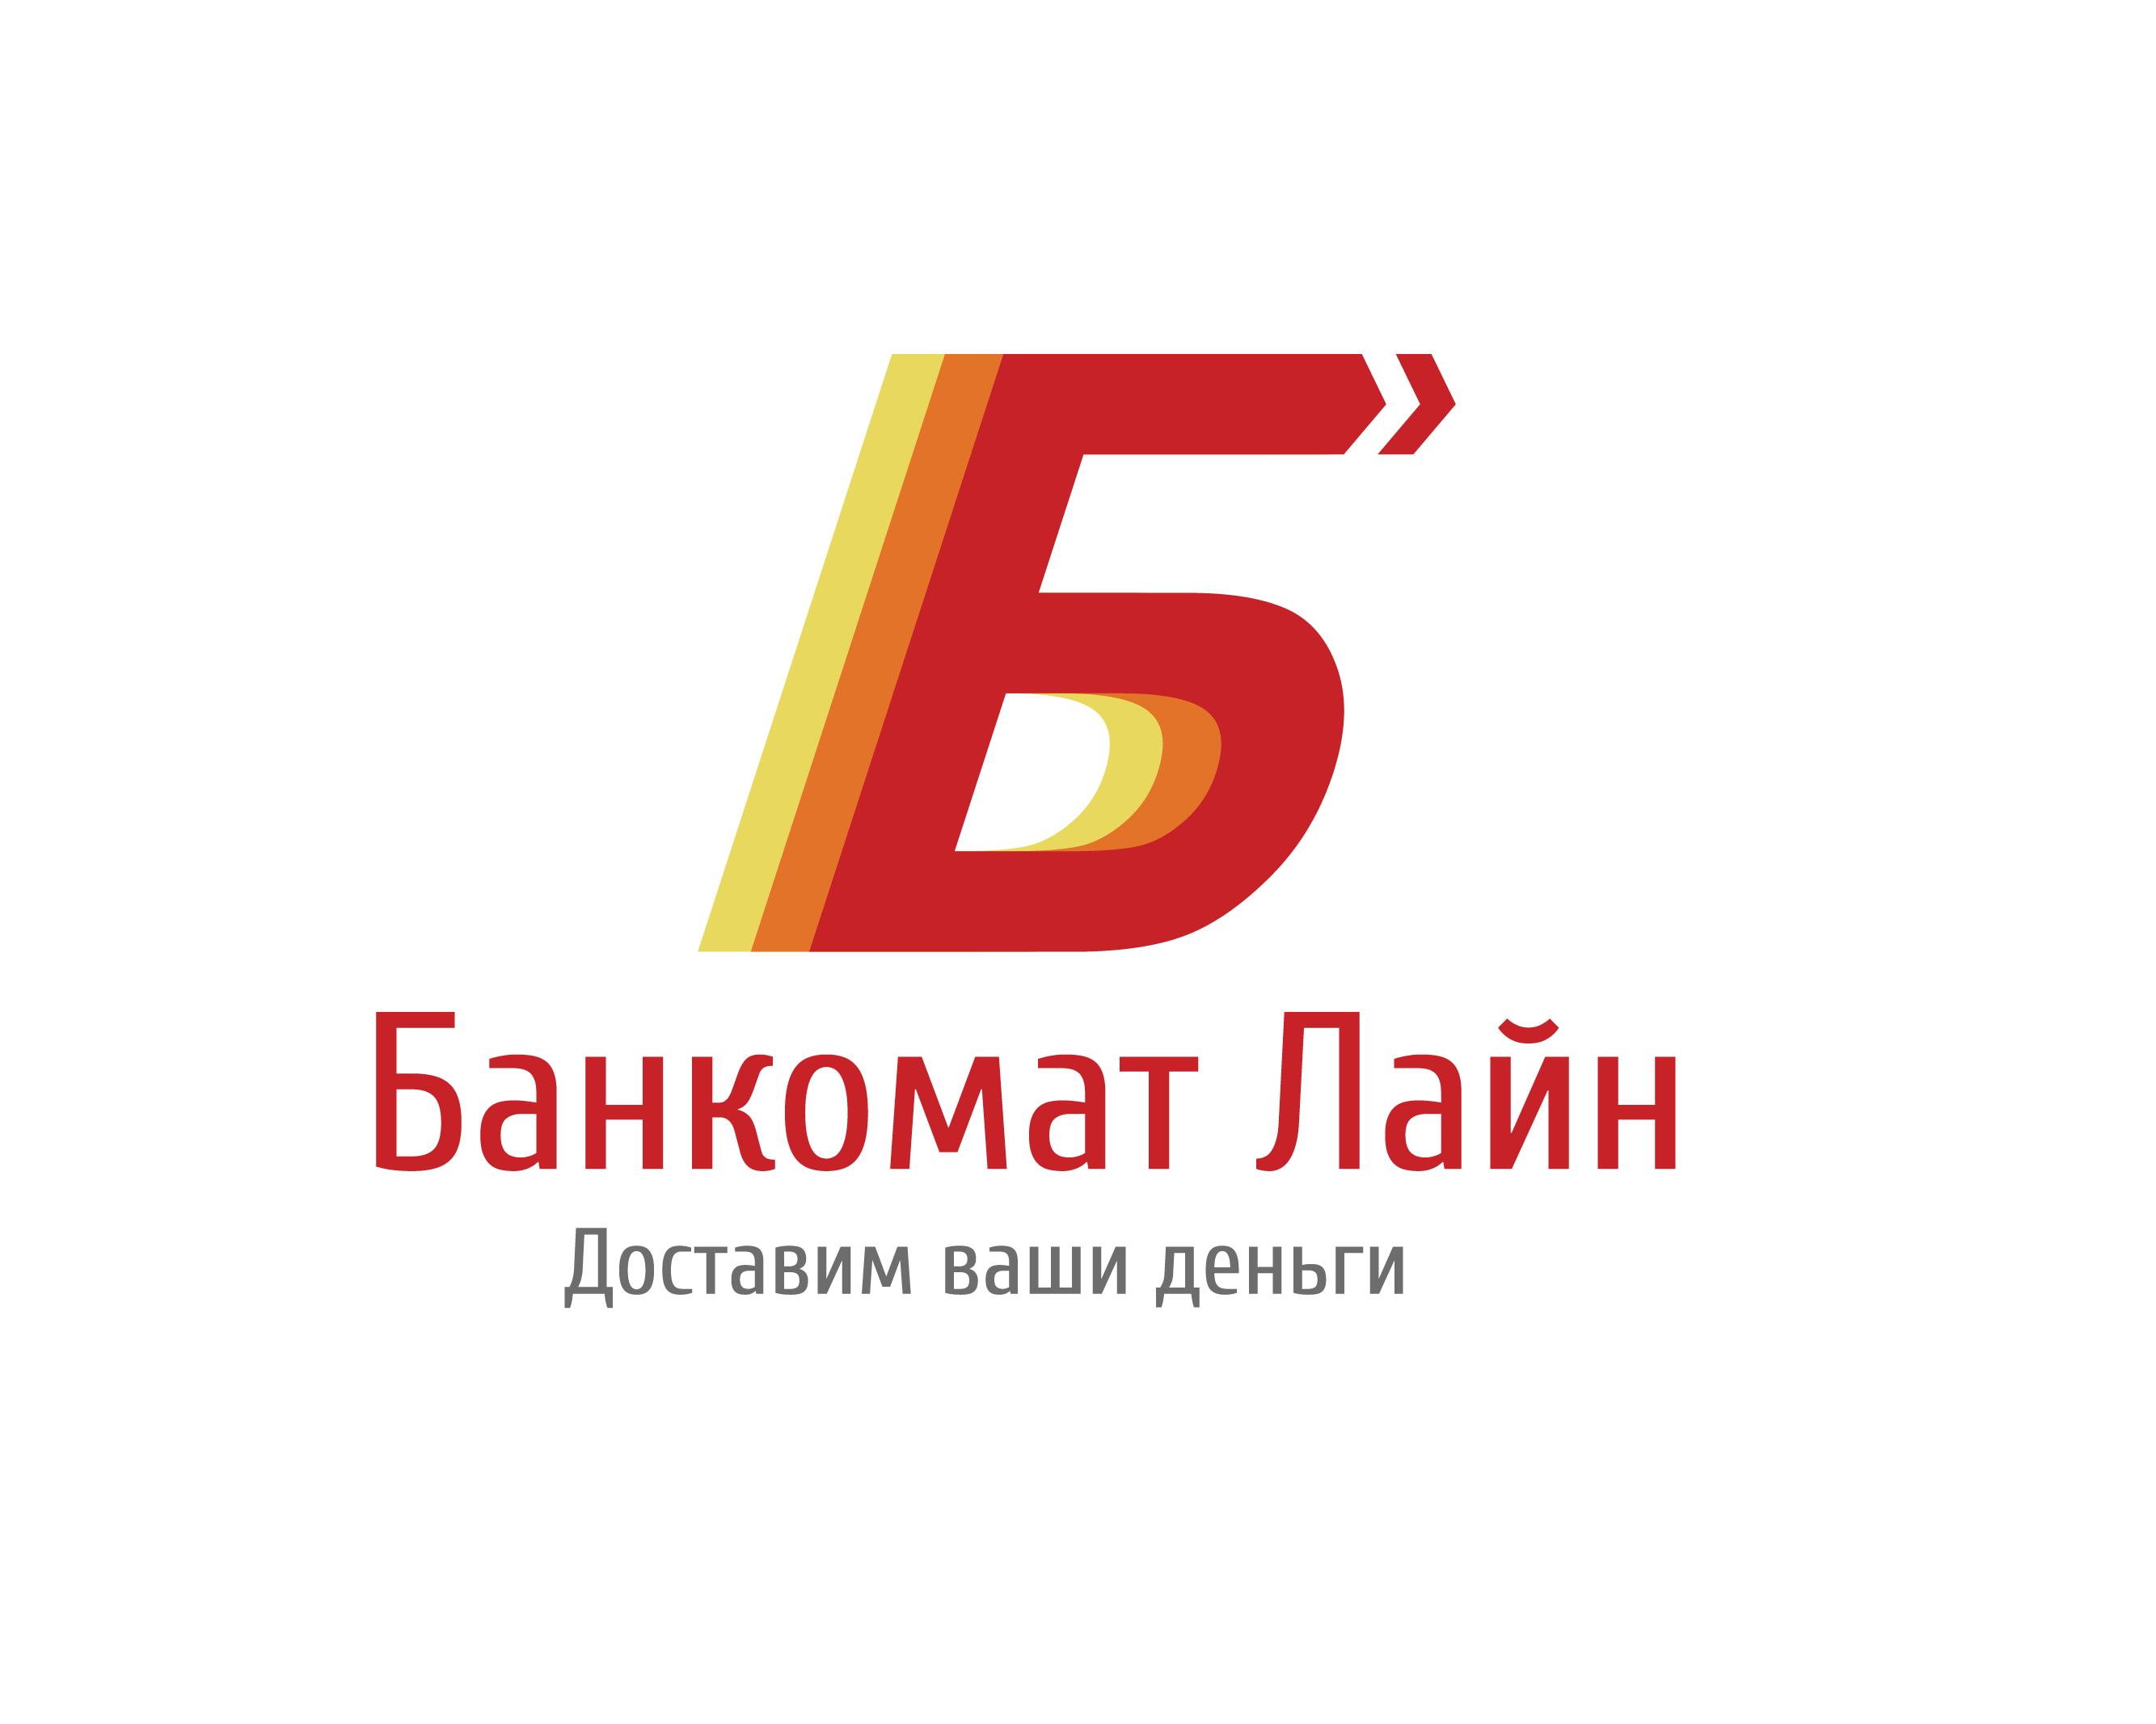 Разработка логотипа и слогана для транспортной компании фото f_7845878d81ec7f31.png